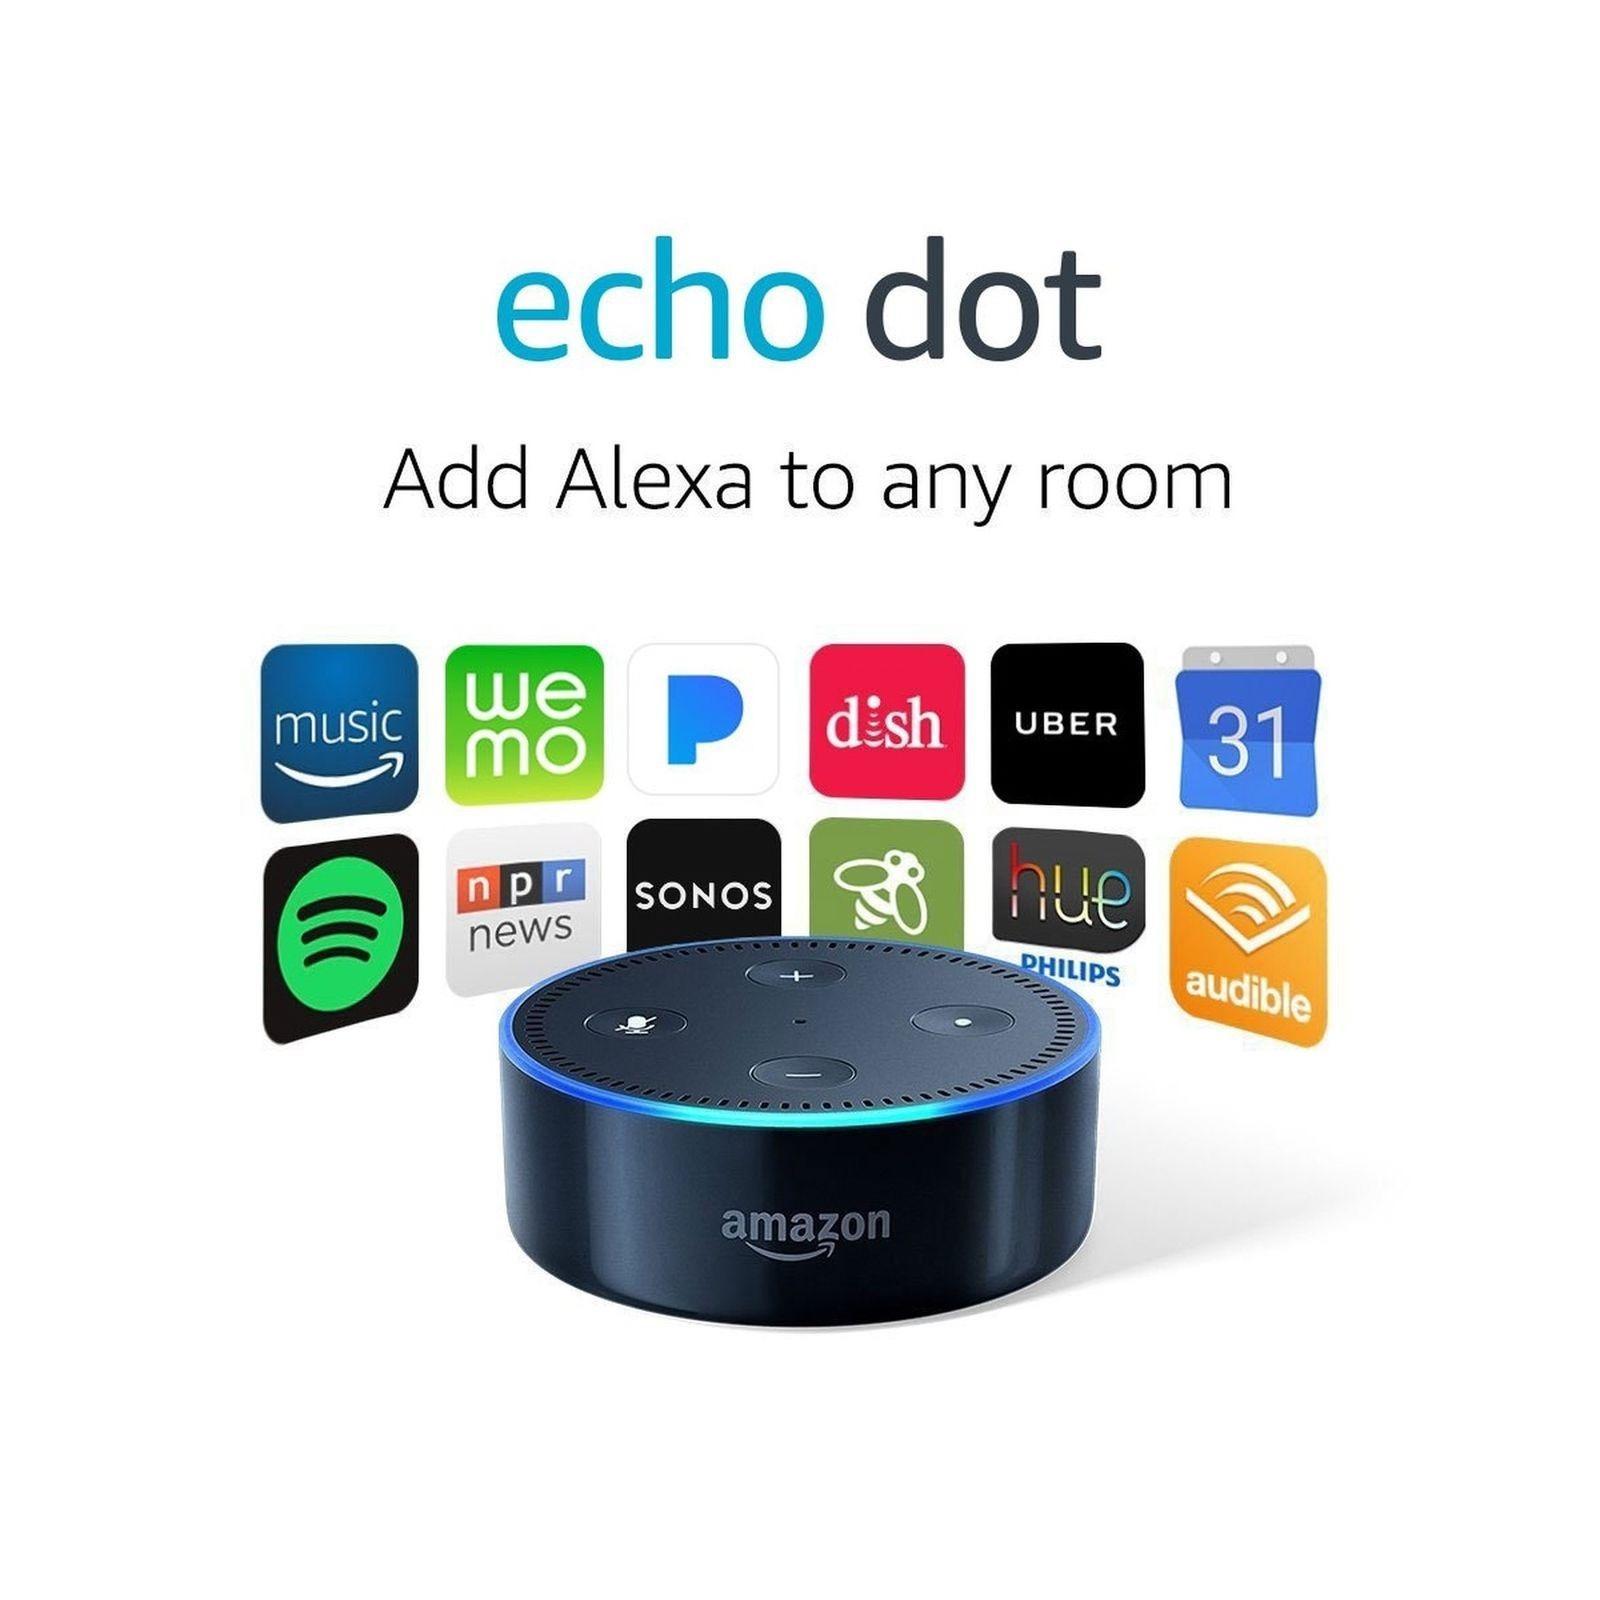 Loa Thong Minh Amazon Echo Dot 2Nd Generation Amazon Rẻ Trong Hồ Chí Minh